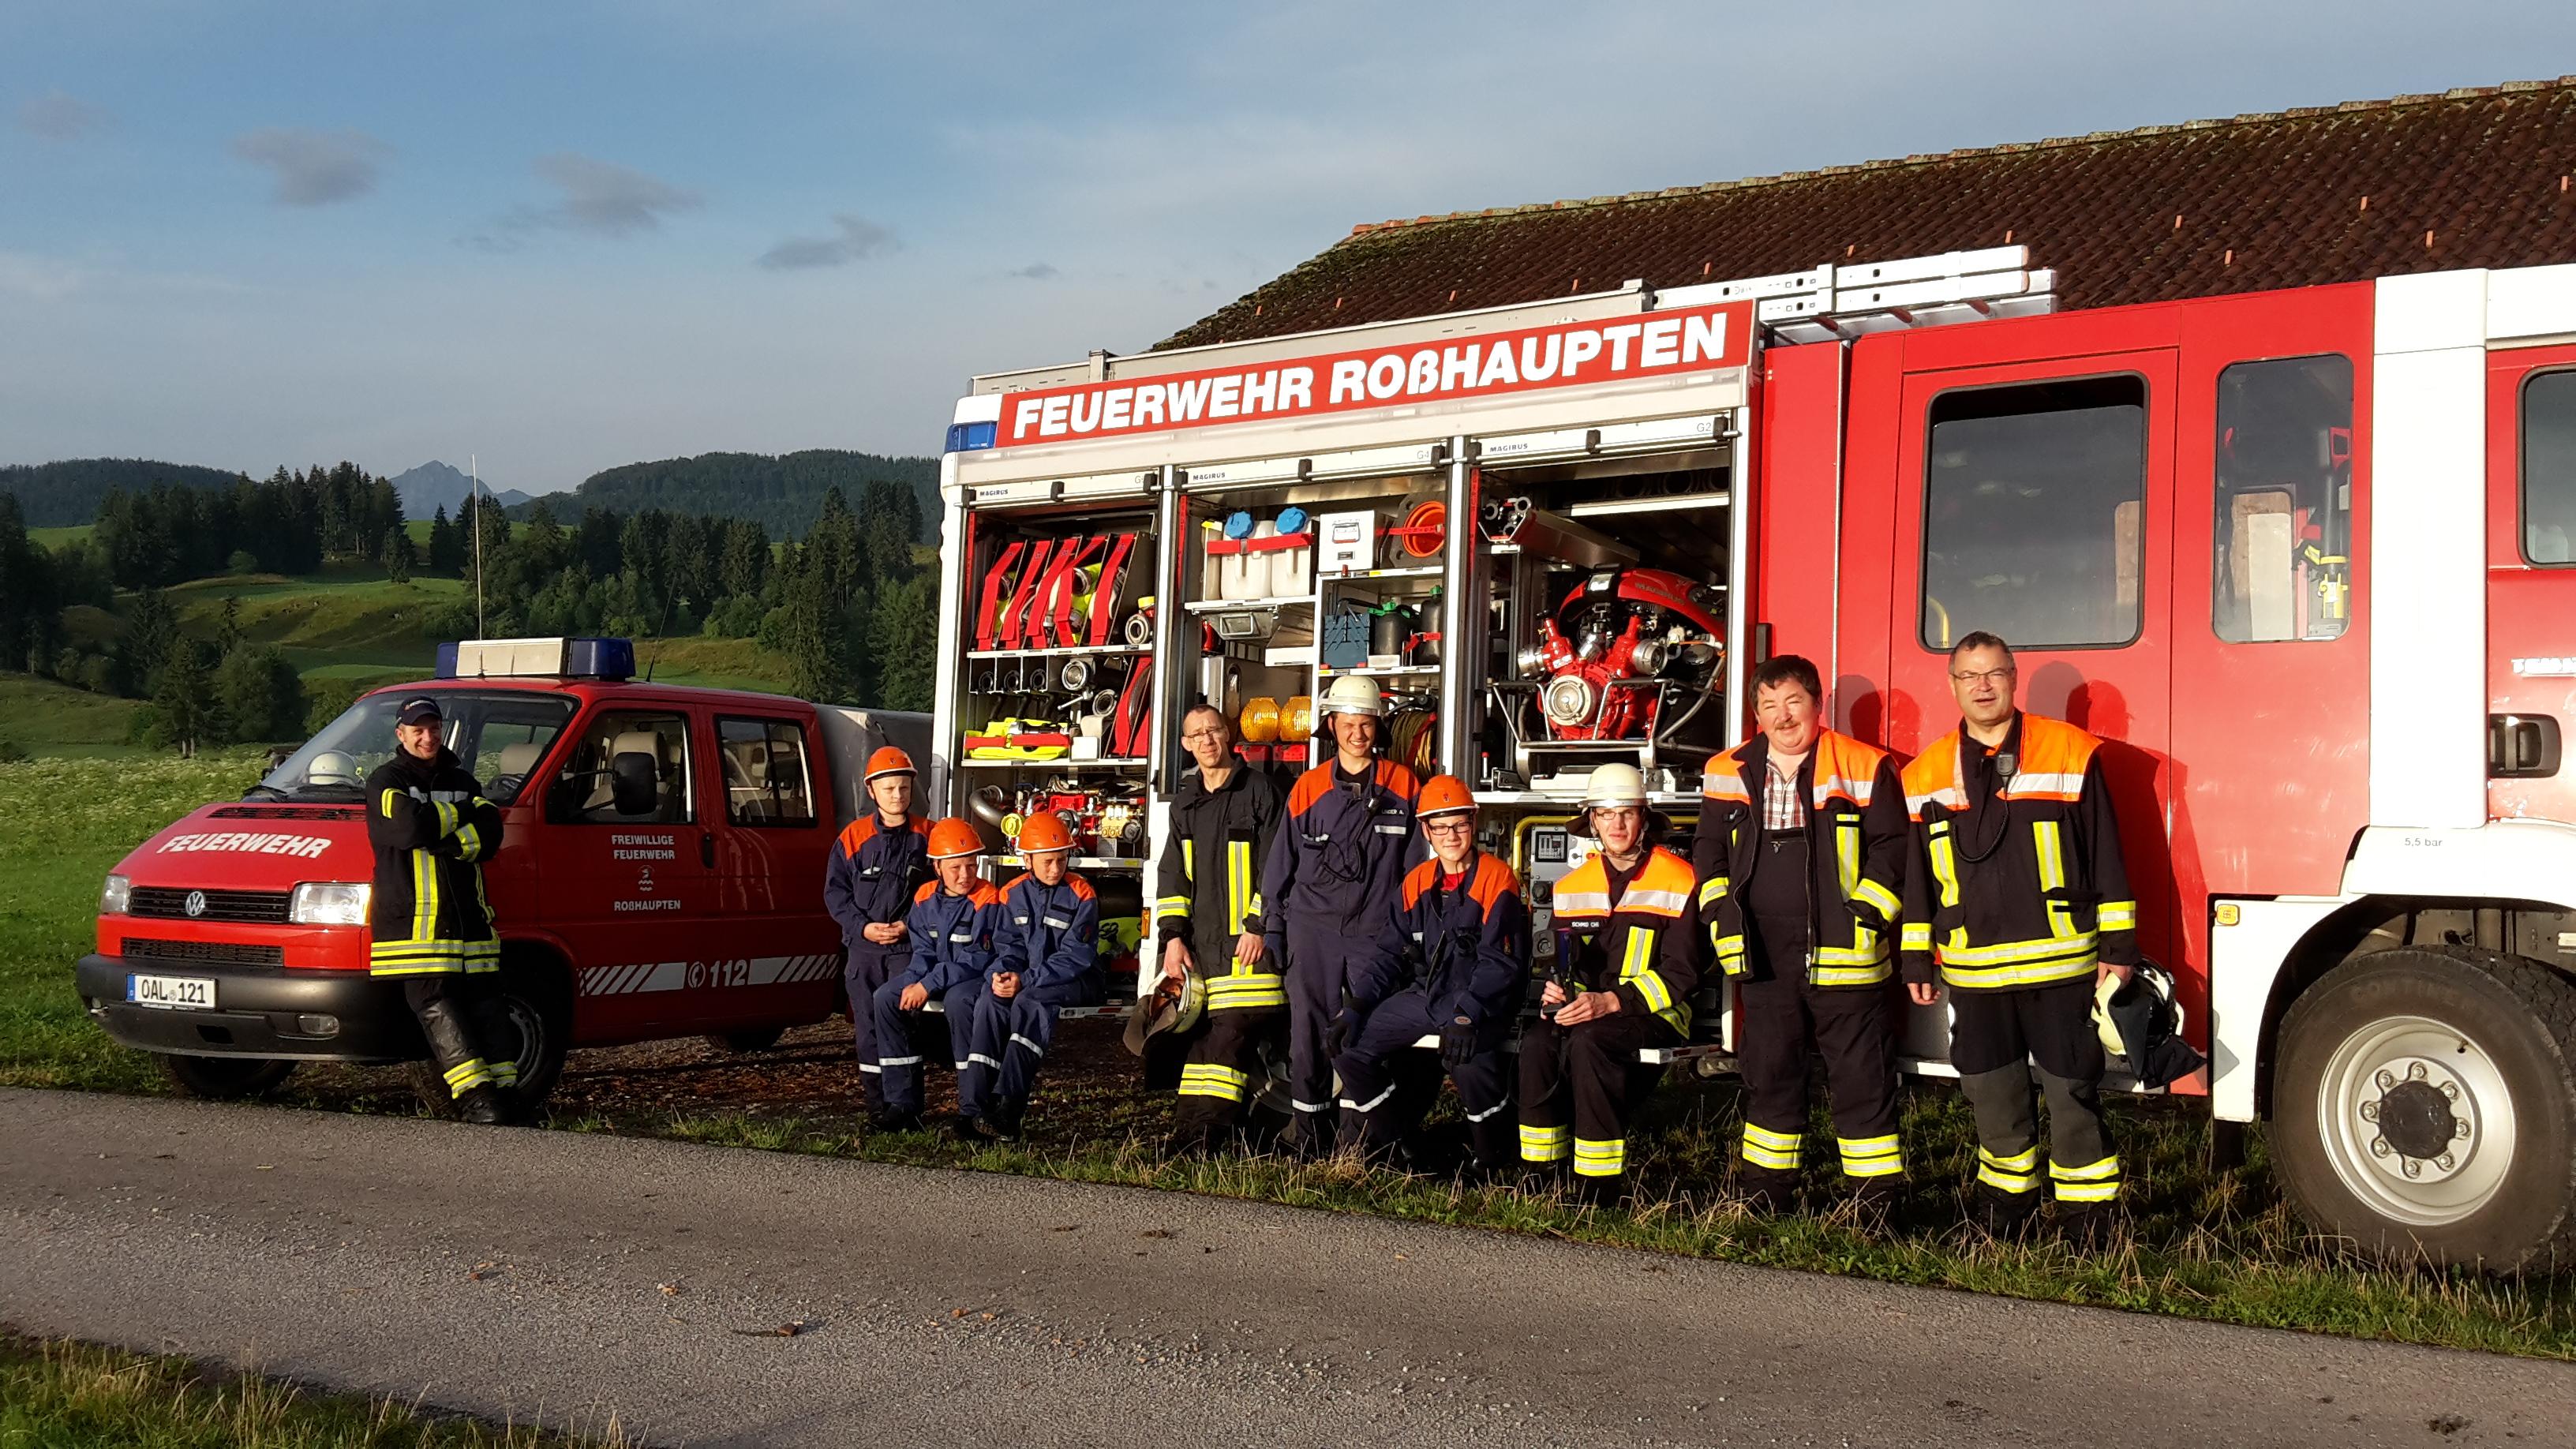 Klettergurt Feuerwehr : Freiwillige feuerwehr roßhaupten e v unsere jugendfeuerwehr